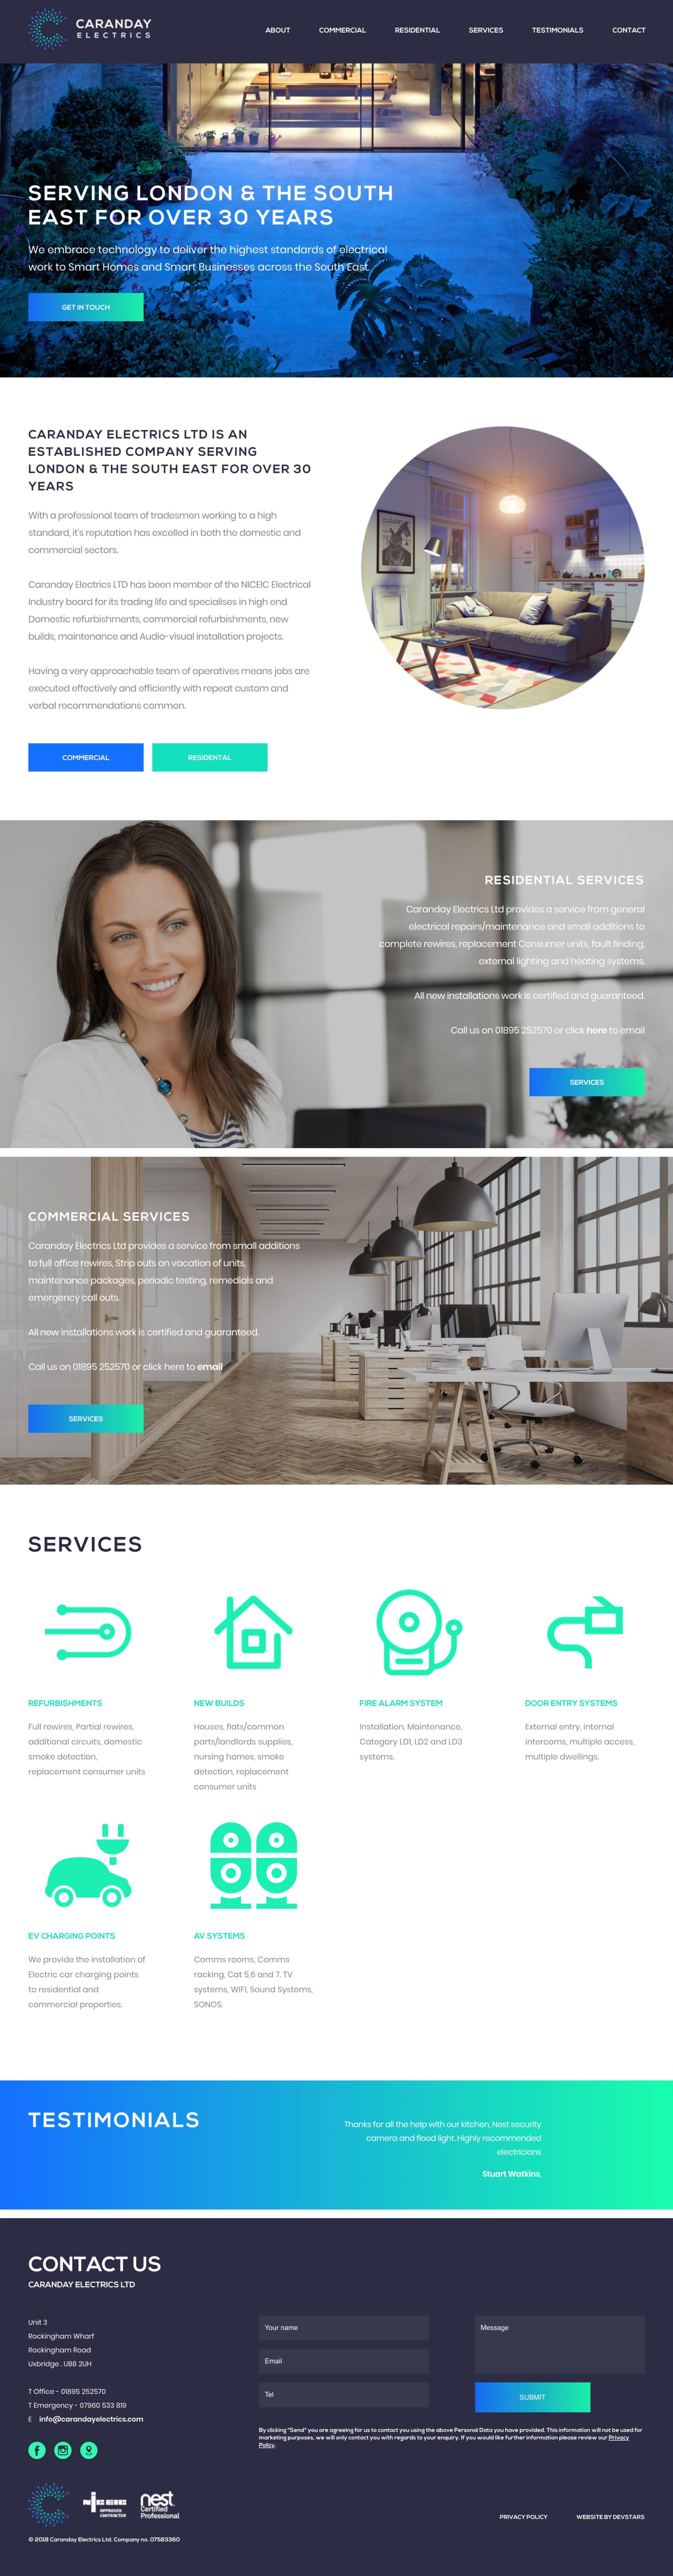 Caranday Electrics Website Screenshot